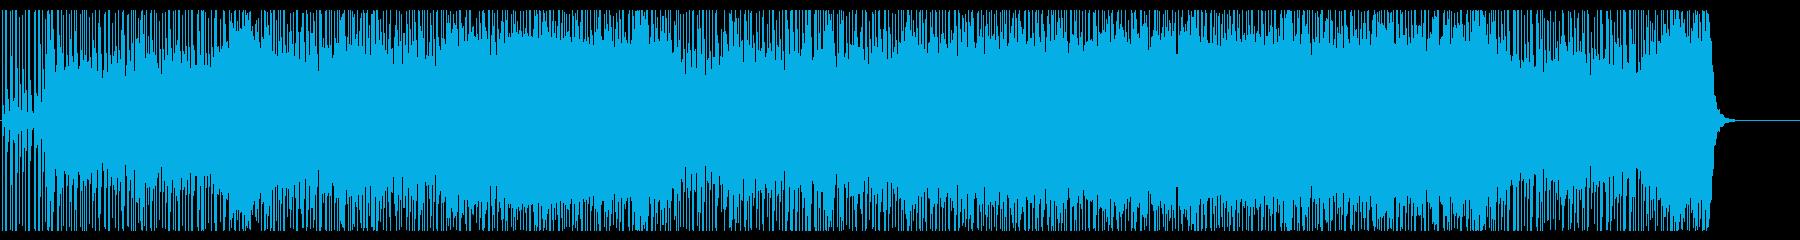 スポーツ レース スリル スピード 挑戦の再生済みの波形